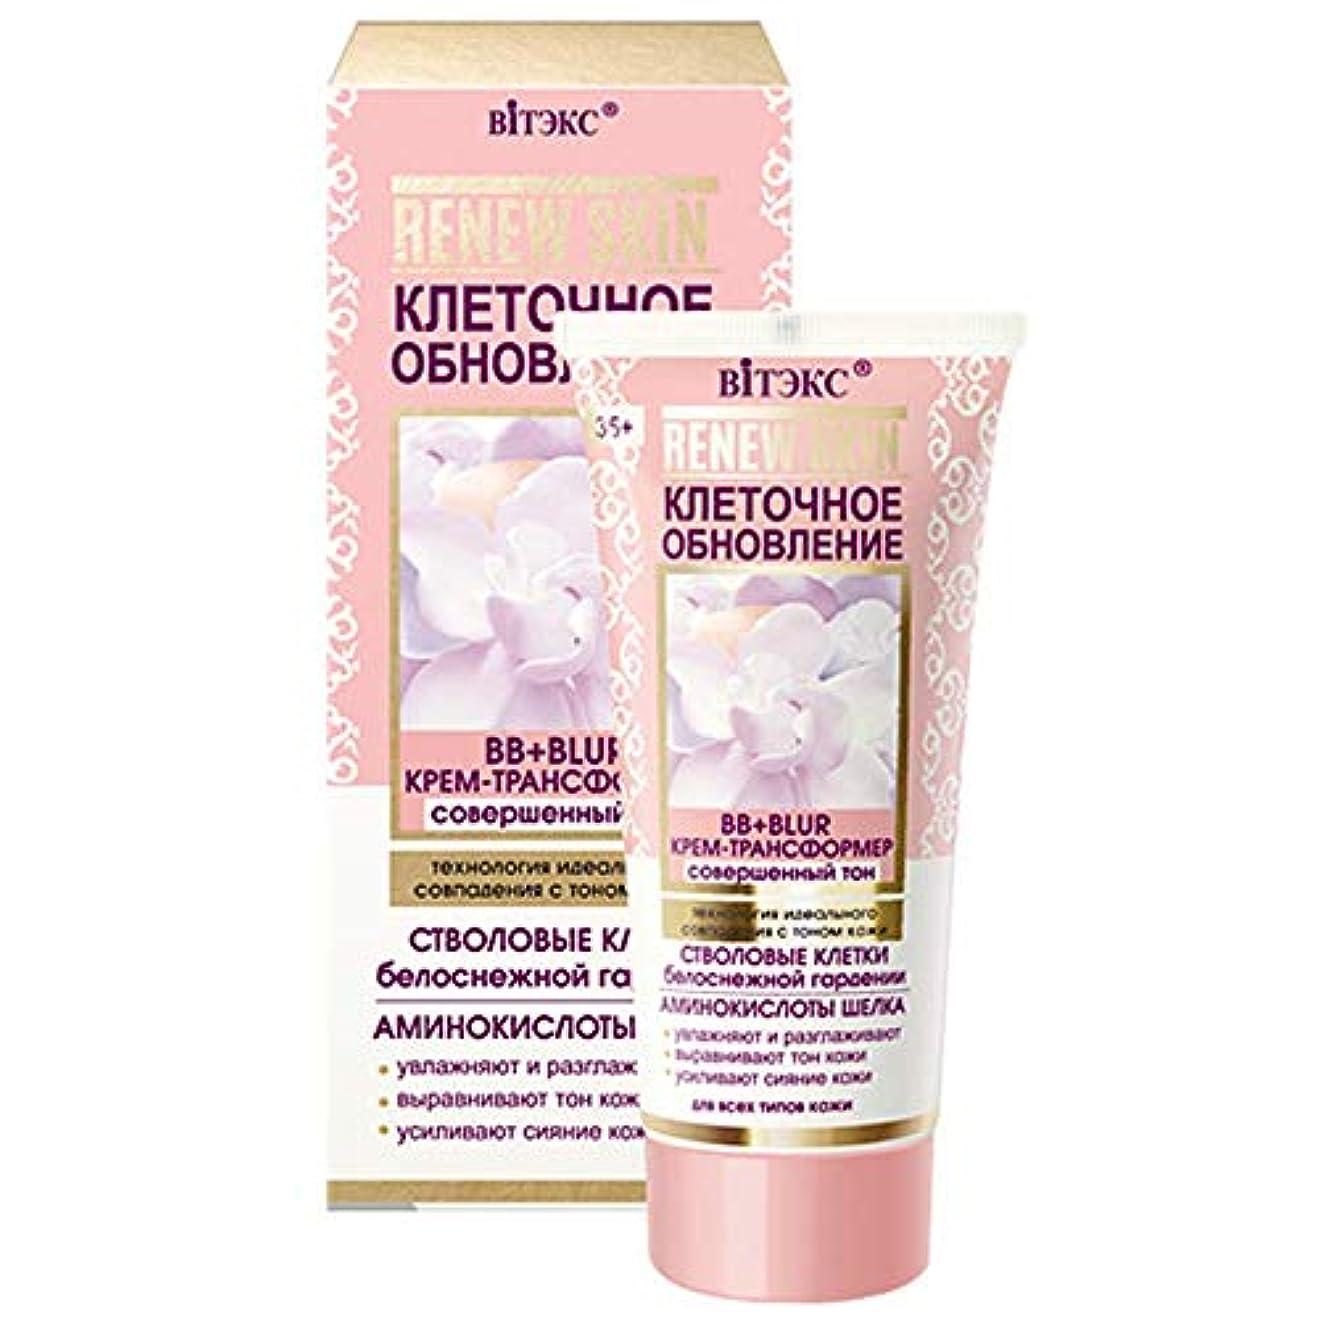 国民受付かけるBielita & Vitex | RENEW SKIN | BB + BLUR CREAM-TRANSFORMER | Perfect tone technology of perfect match with skin...